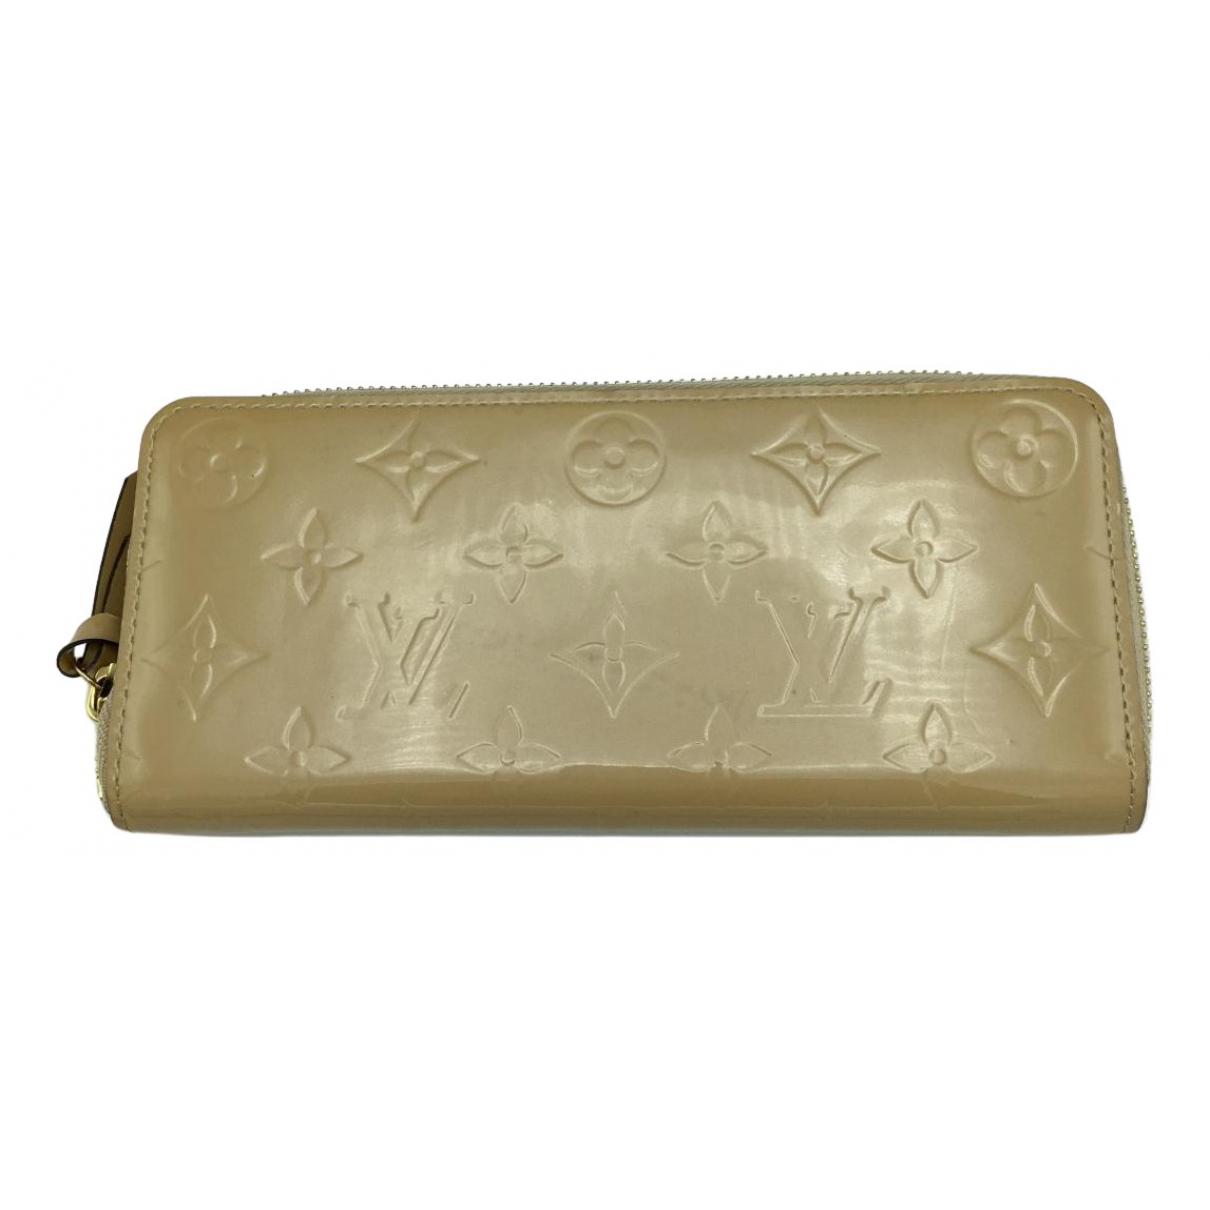 Louis Vuitton - Portefeuille Clemence pour femme en cuir verni - dore